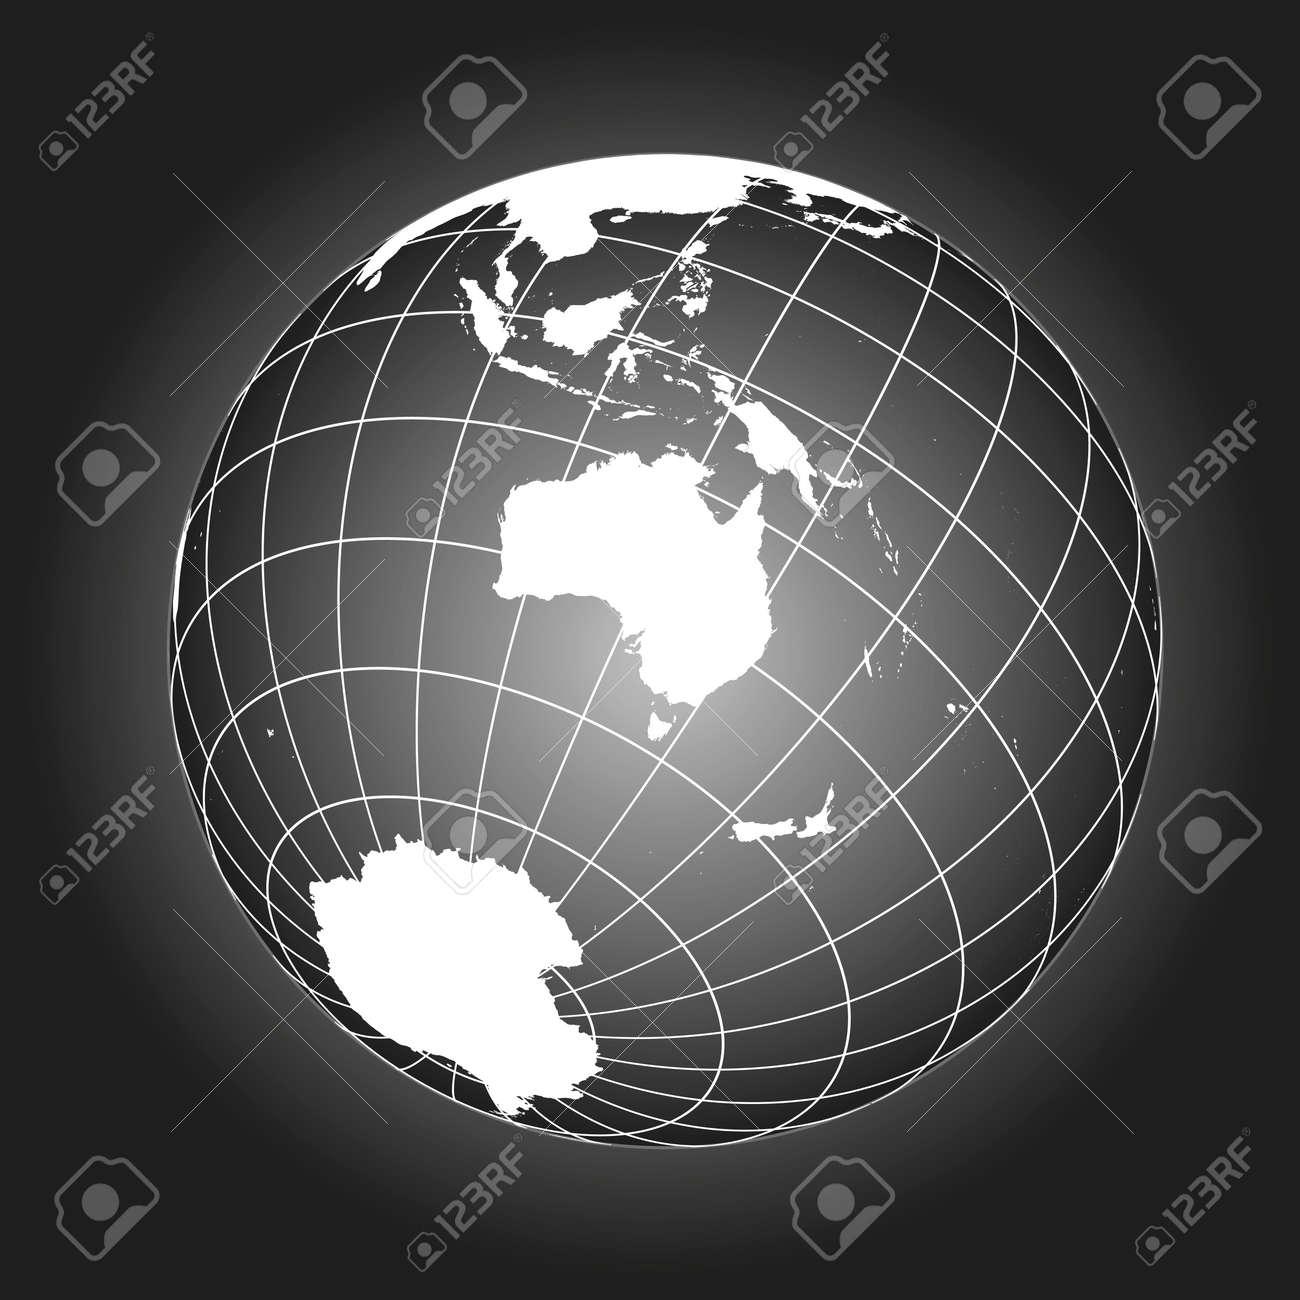 Carte Russie Australie.Carte Australie Ou Oceanie Australasie Asie Russie Antarctique North Pole Globe Terrestre Carte Du Monde Les Elements De Cette Image Fournis